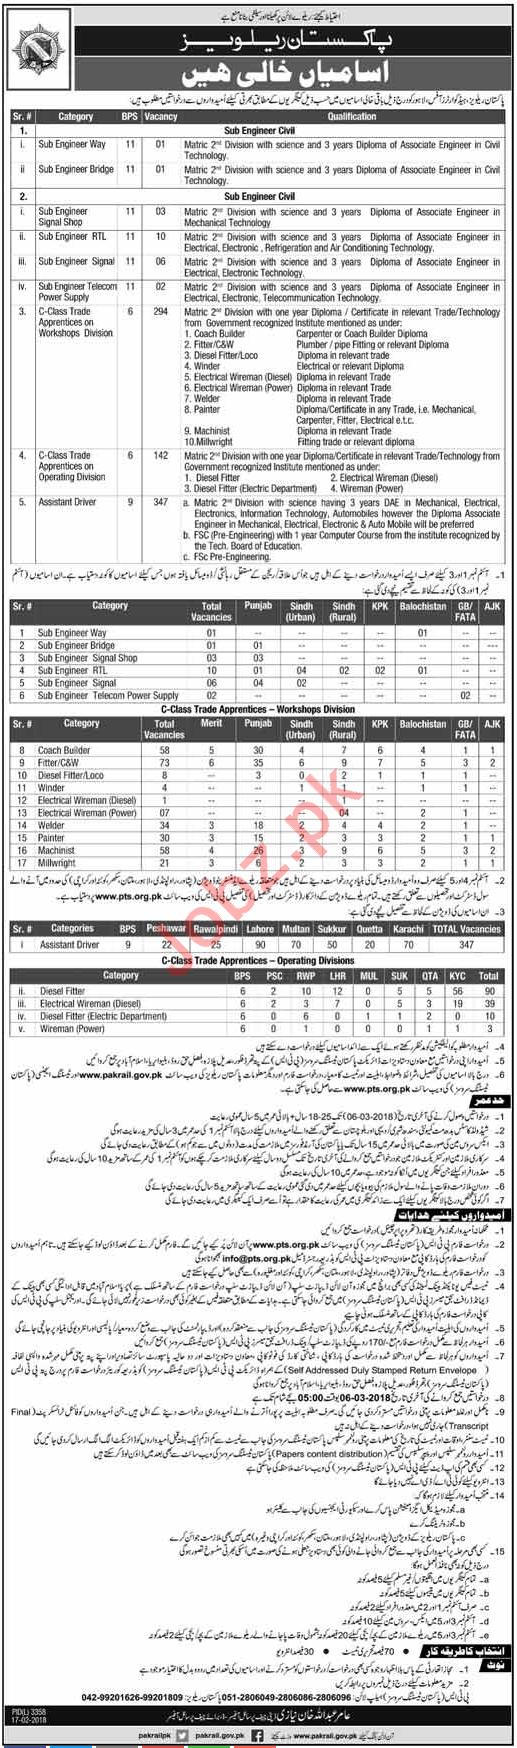 Pakistan Railways Jobs Sub Engineers, Assistant Drivers